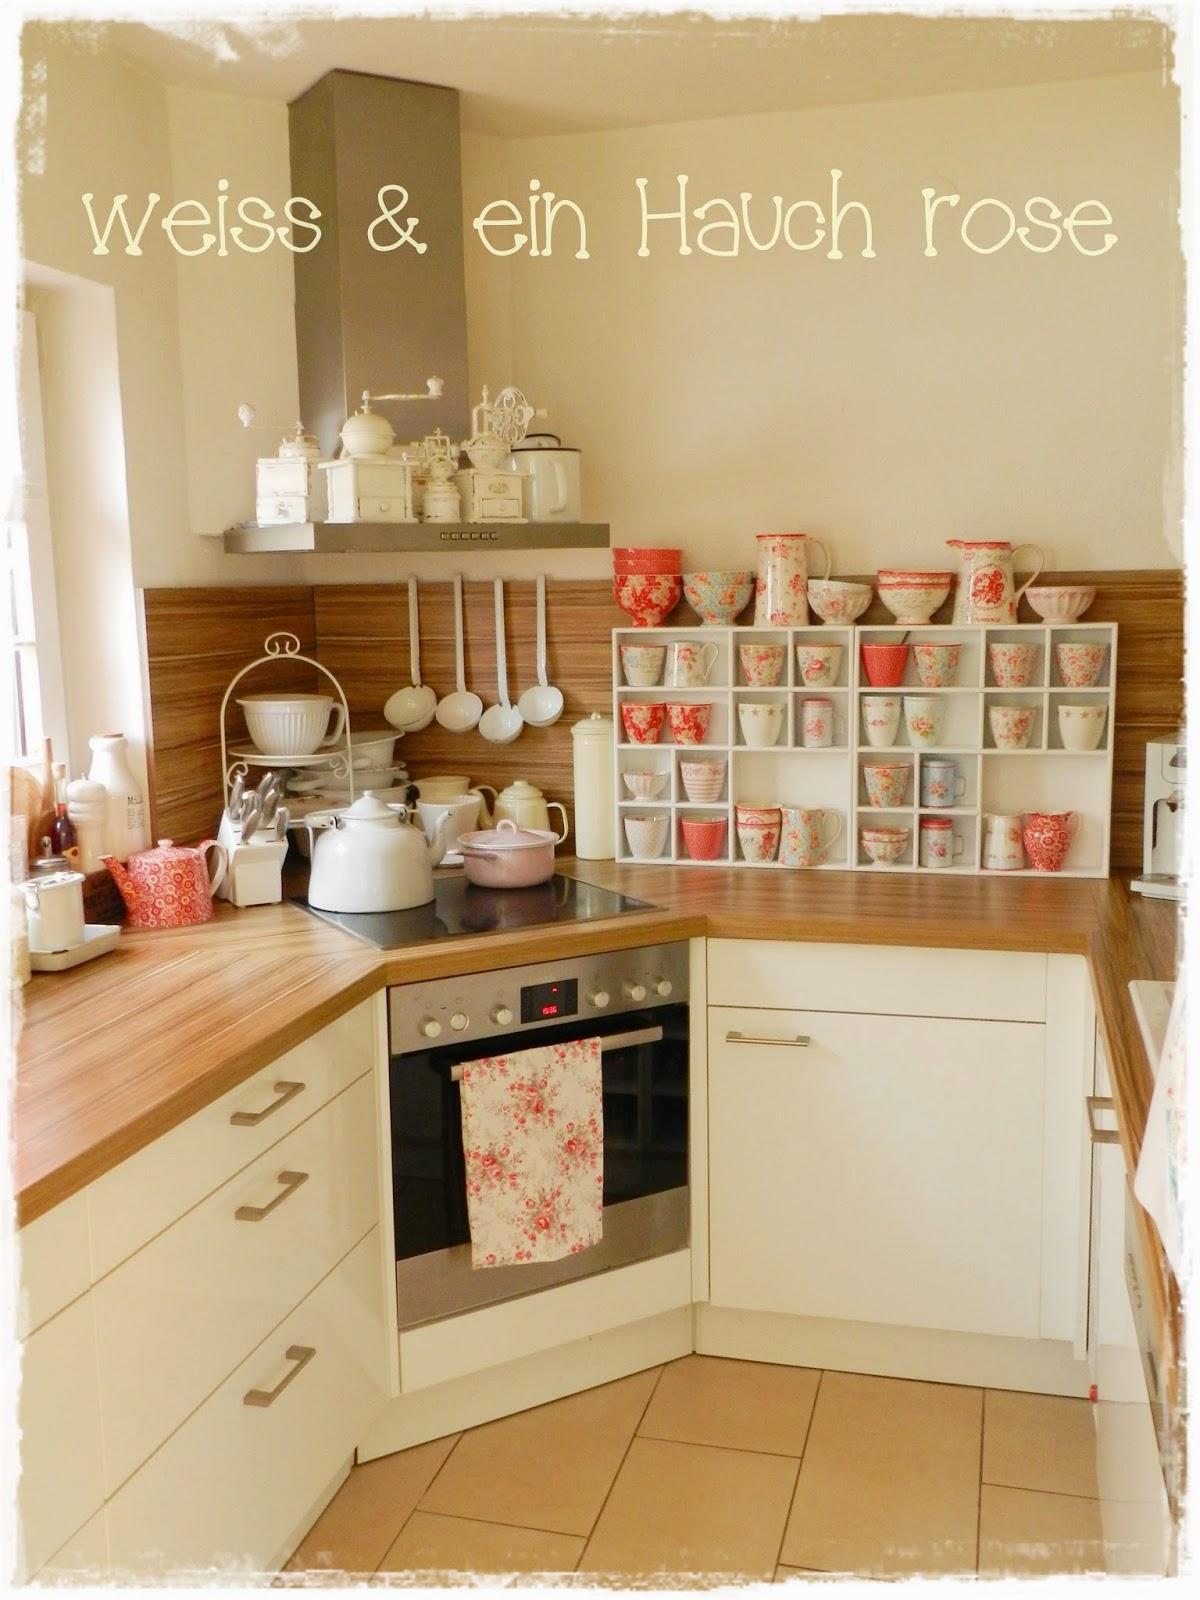 weiß & ein Hauch rosé: Greengate in der Küche...